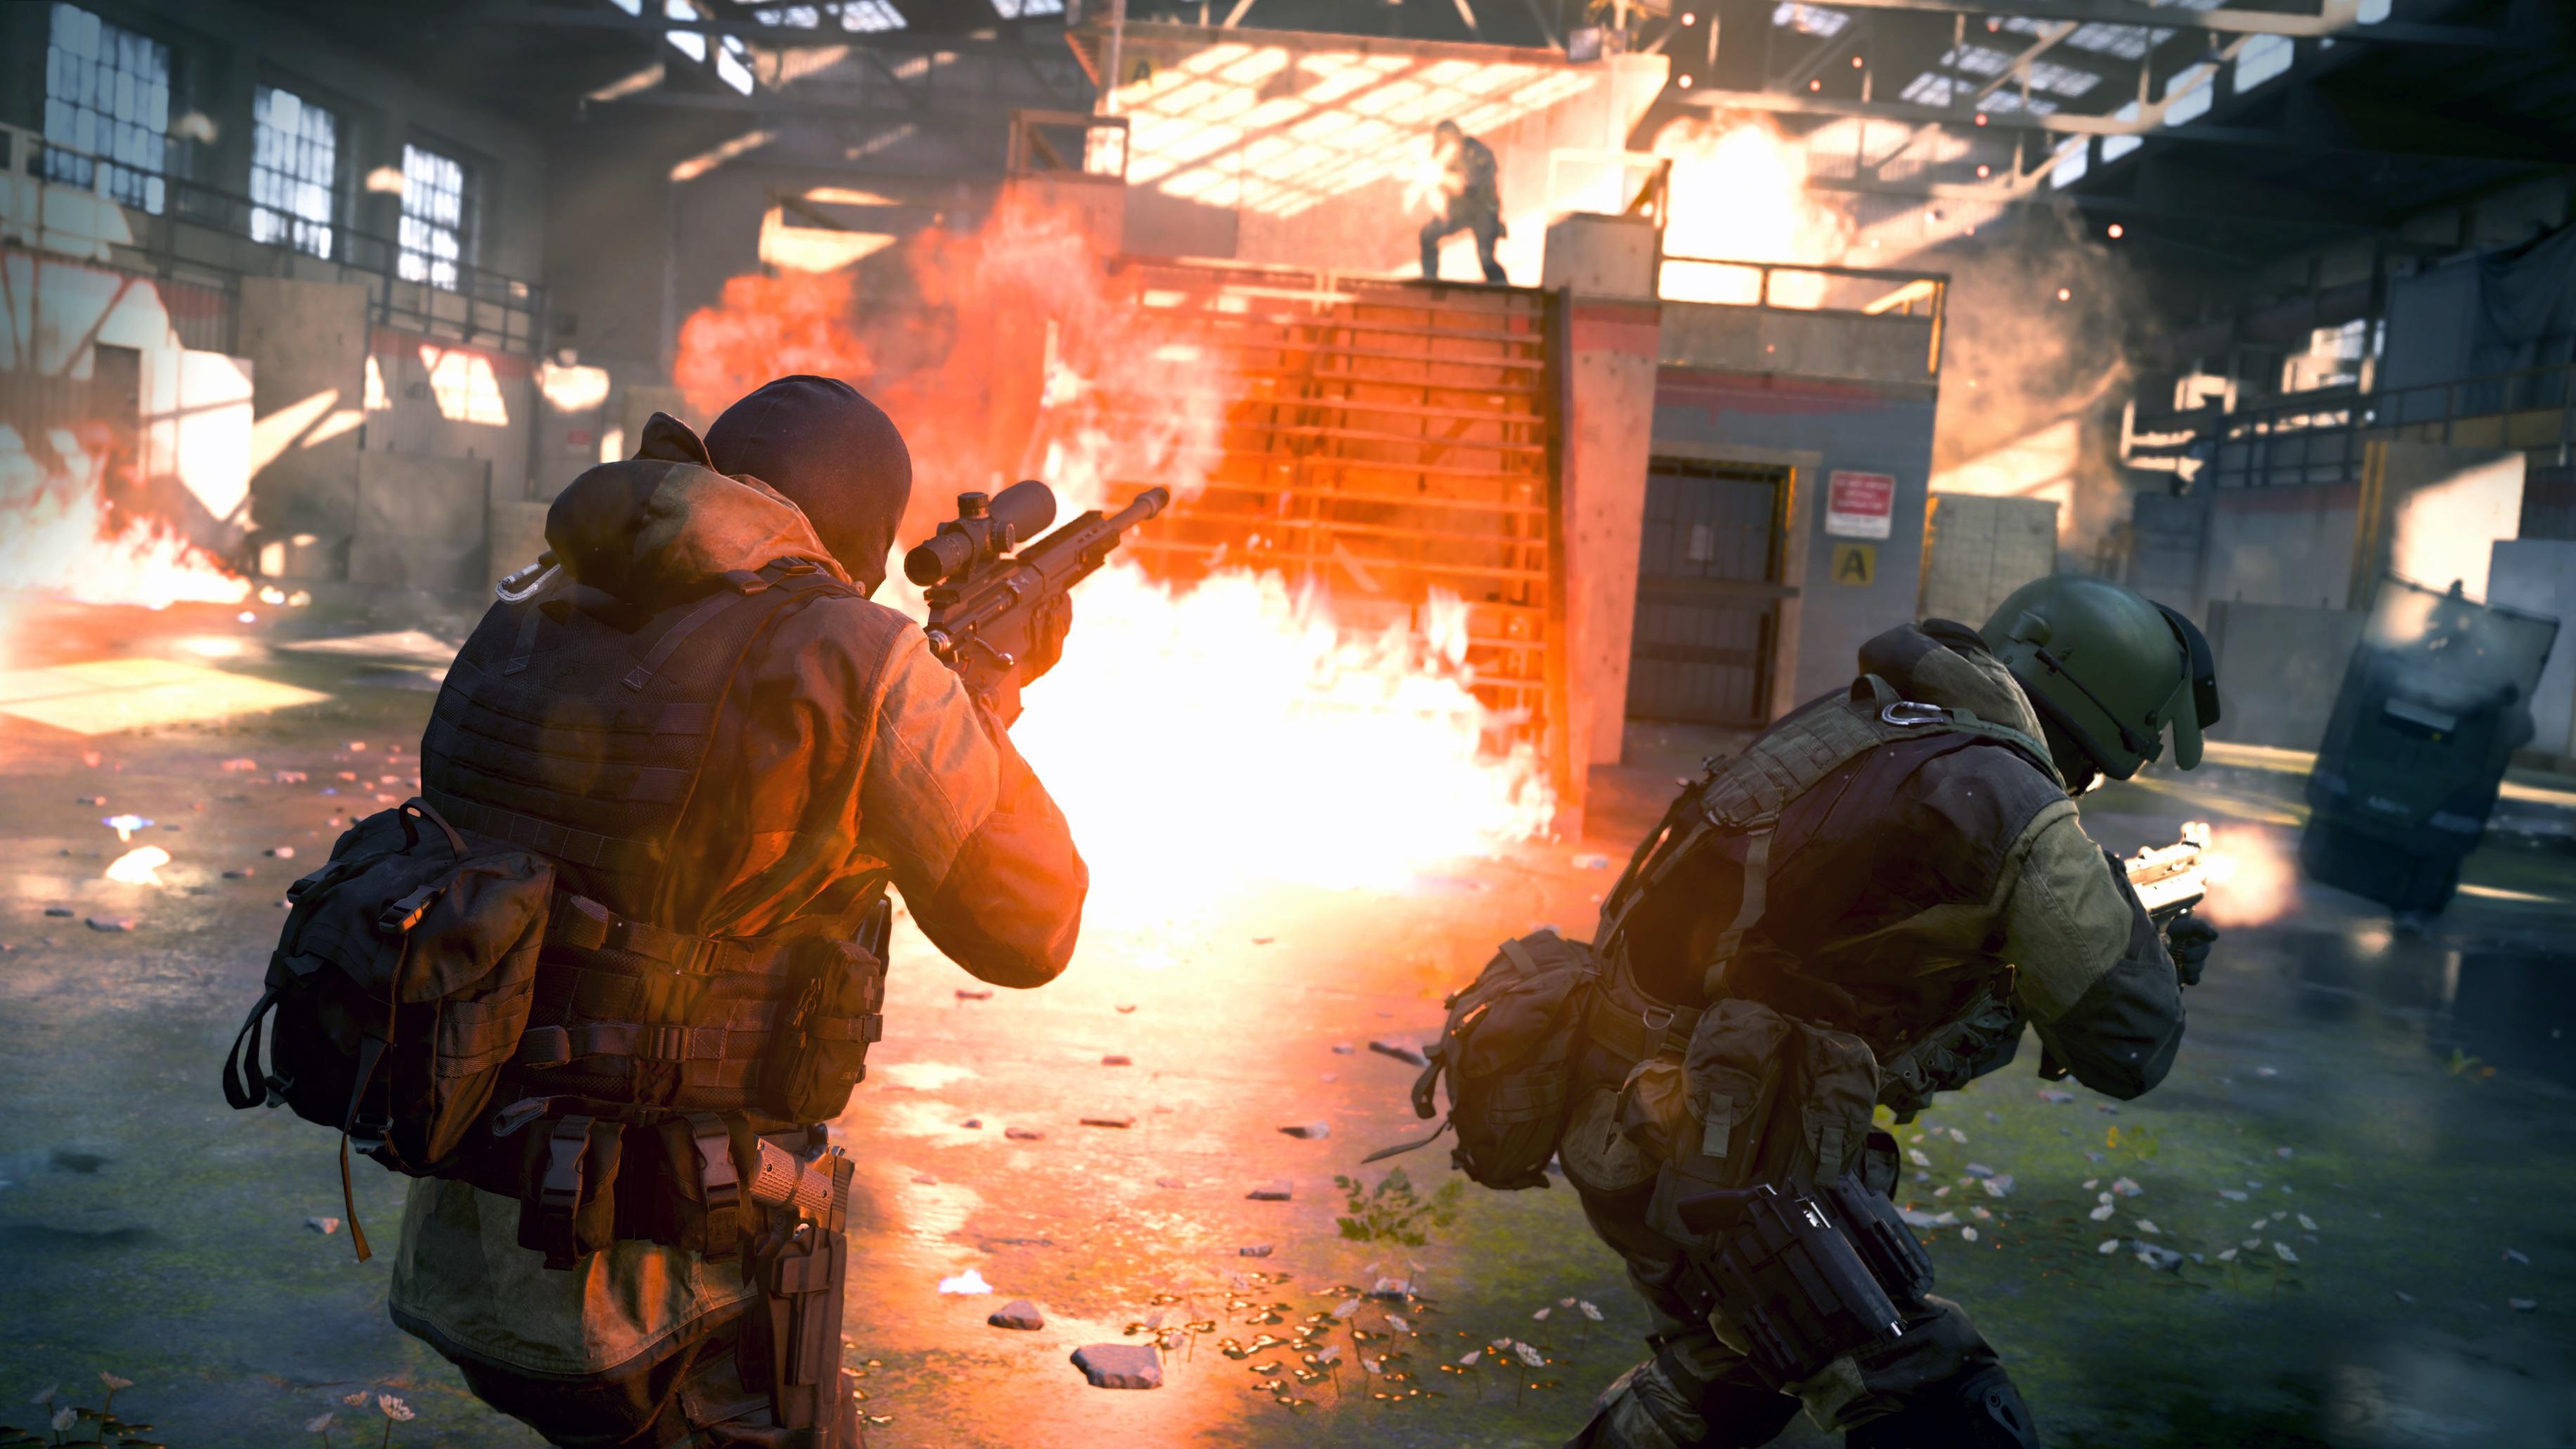 Mit dem neuen Teil der Spiel-Reihe geht es erneut mit viel Action zur Sache.